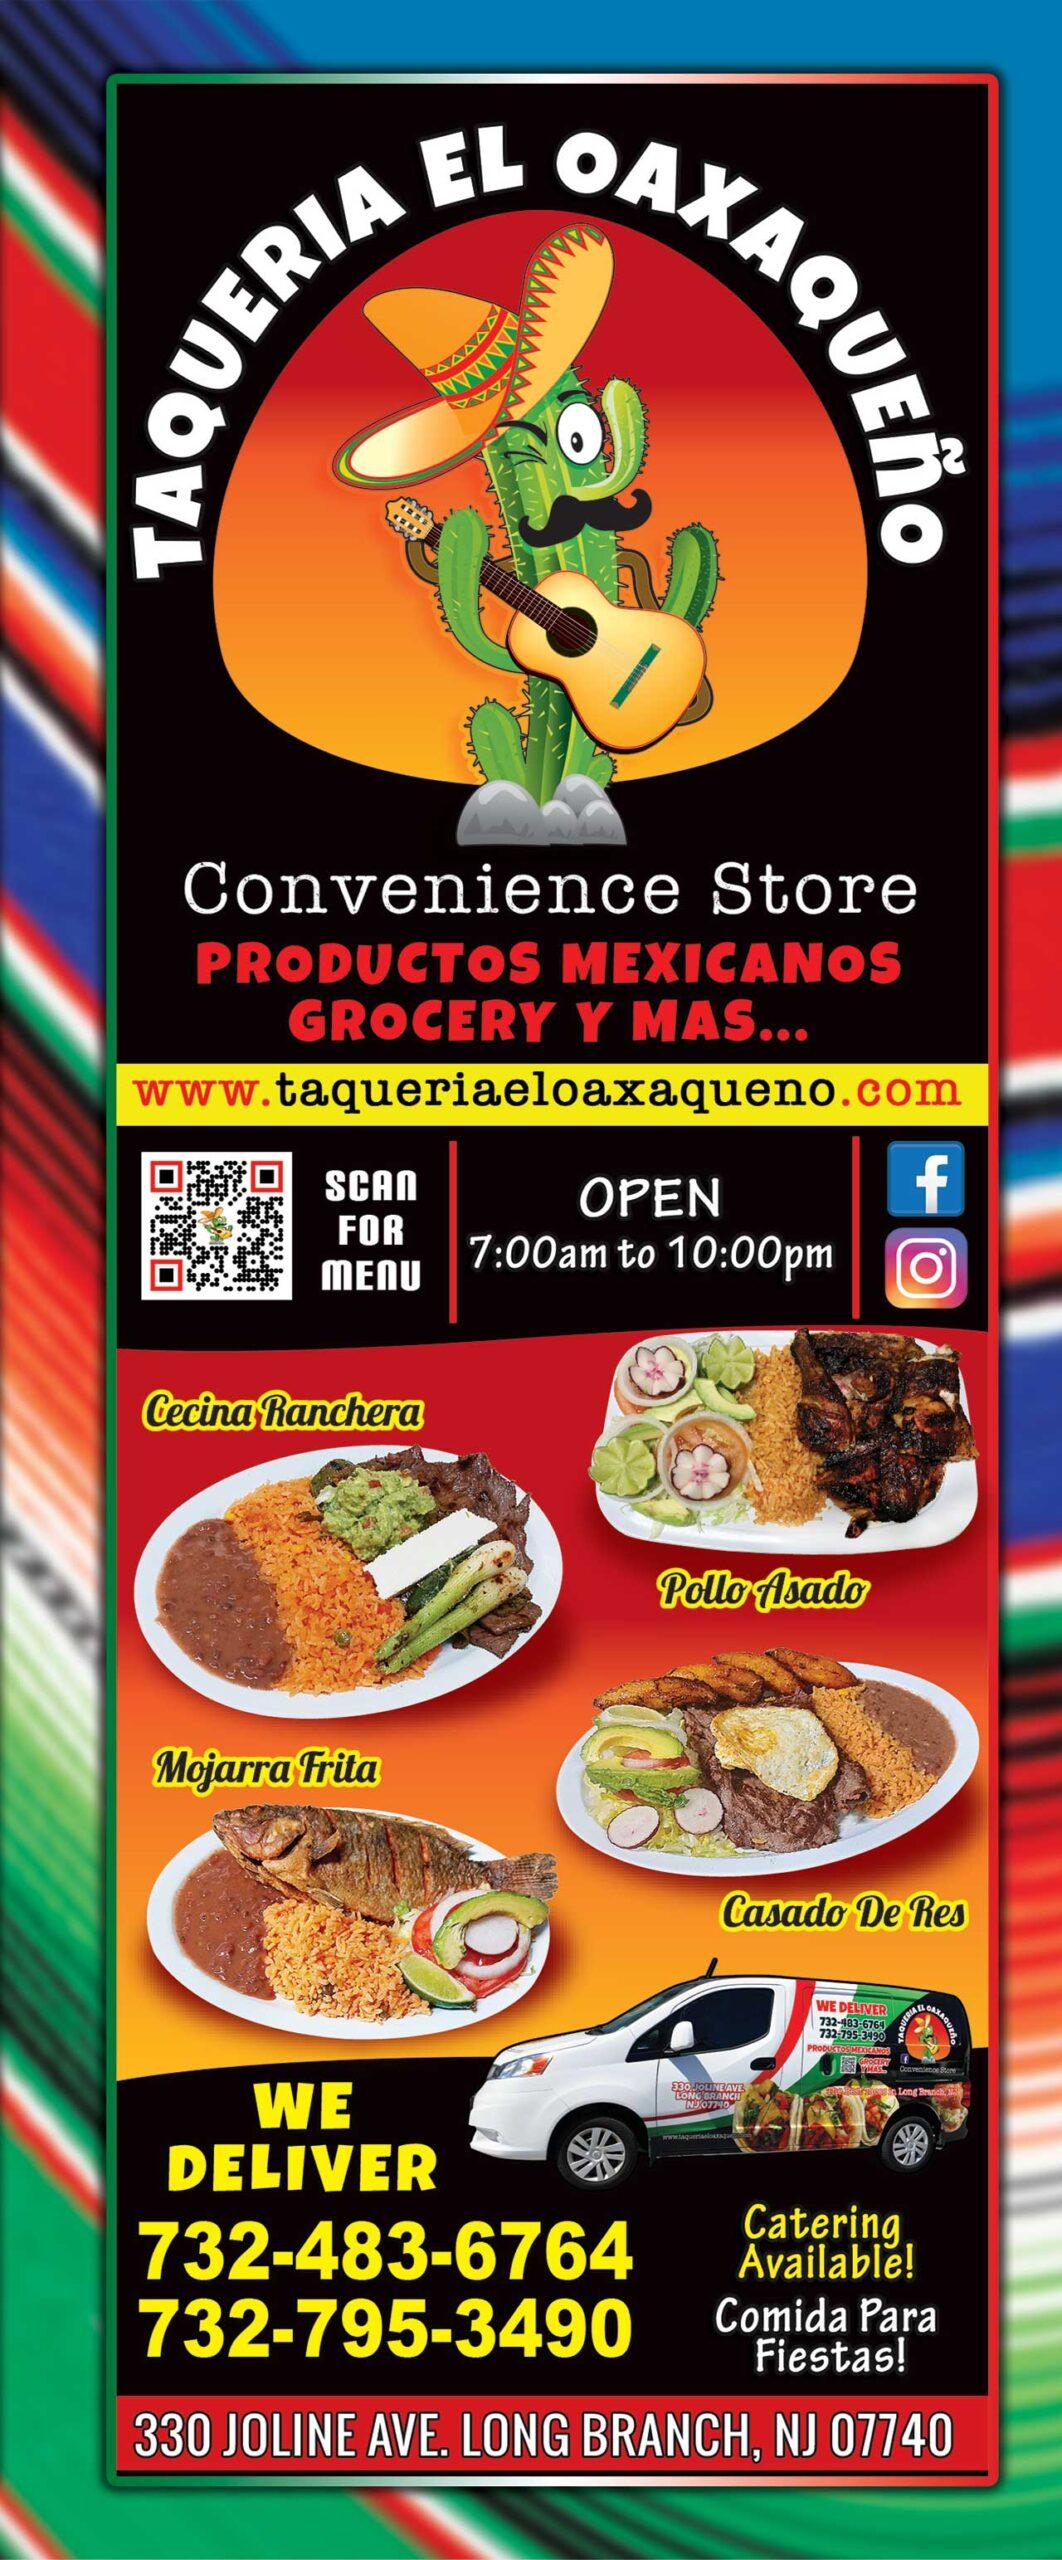 Taqueria-El-Oaxaqueno-Menu-Page-1